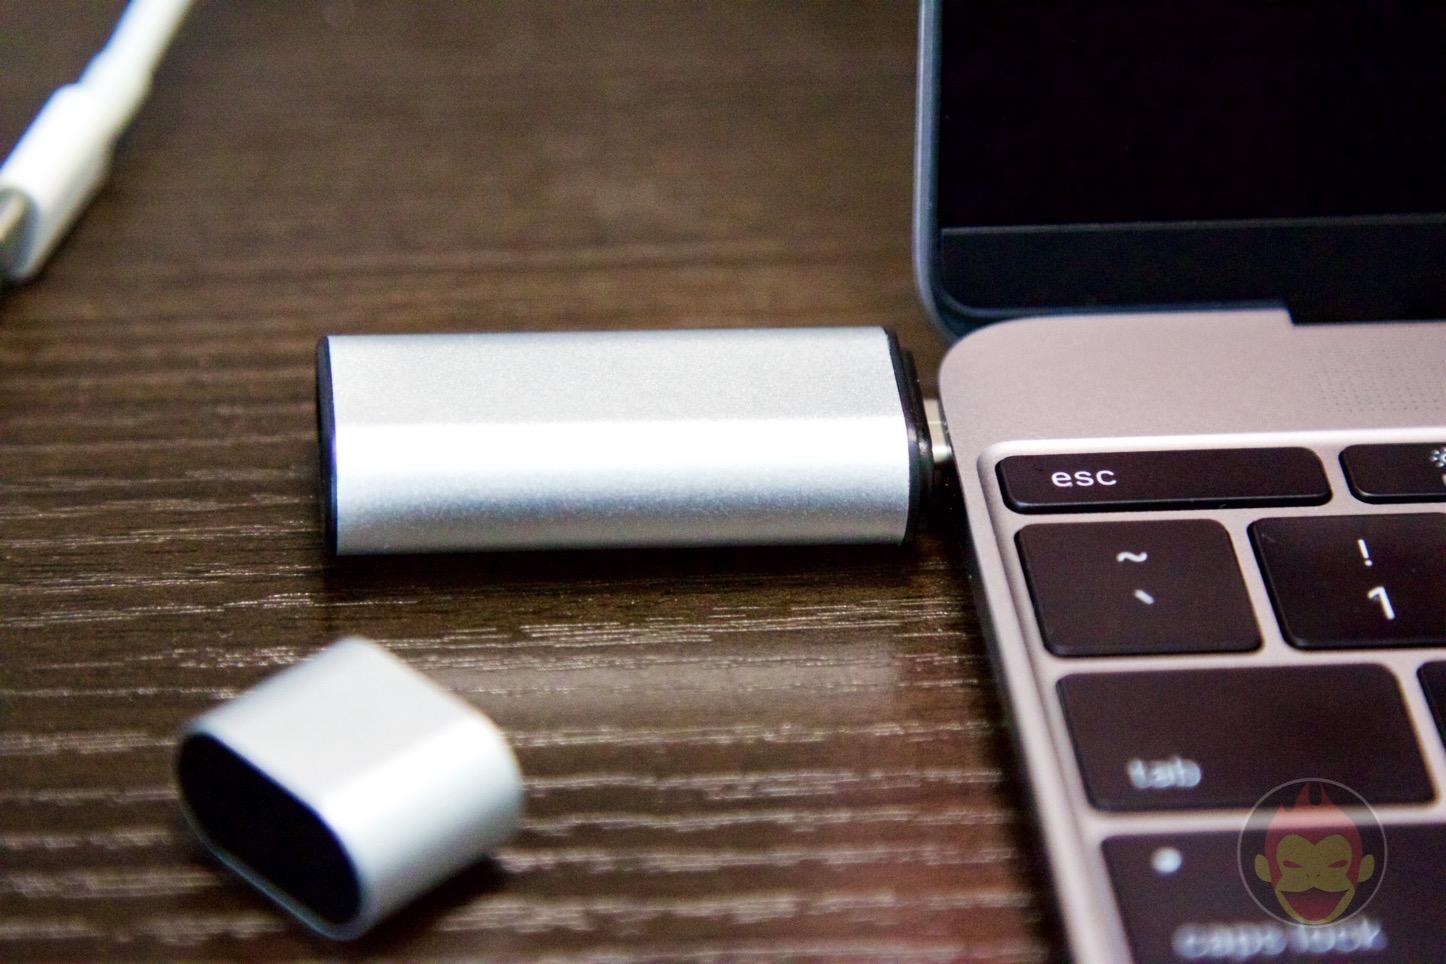 iitrust-MacBook-USB-Adapter-07.jpg